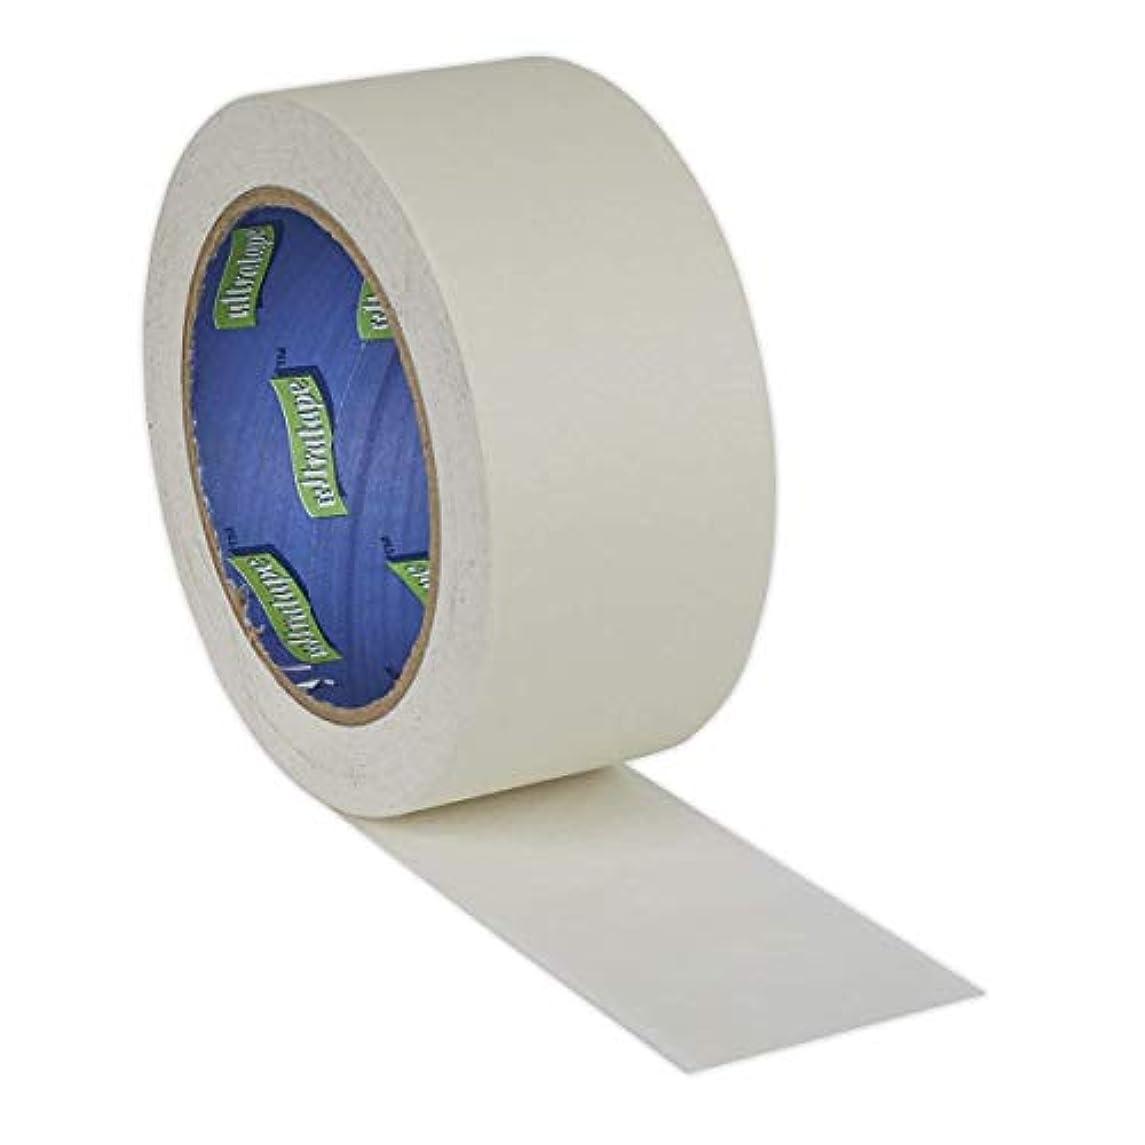 Sealey MTG48P Masking Tape General Purpose 48mm x 50m 60°C